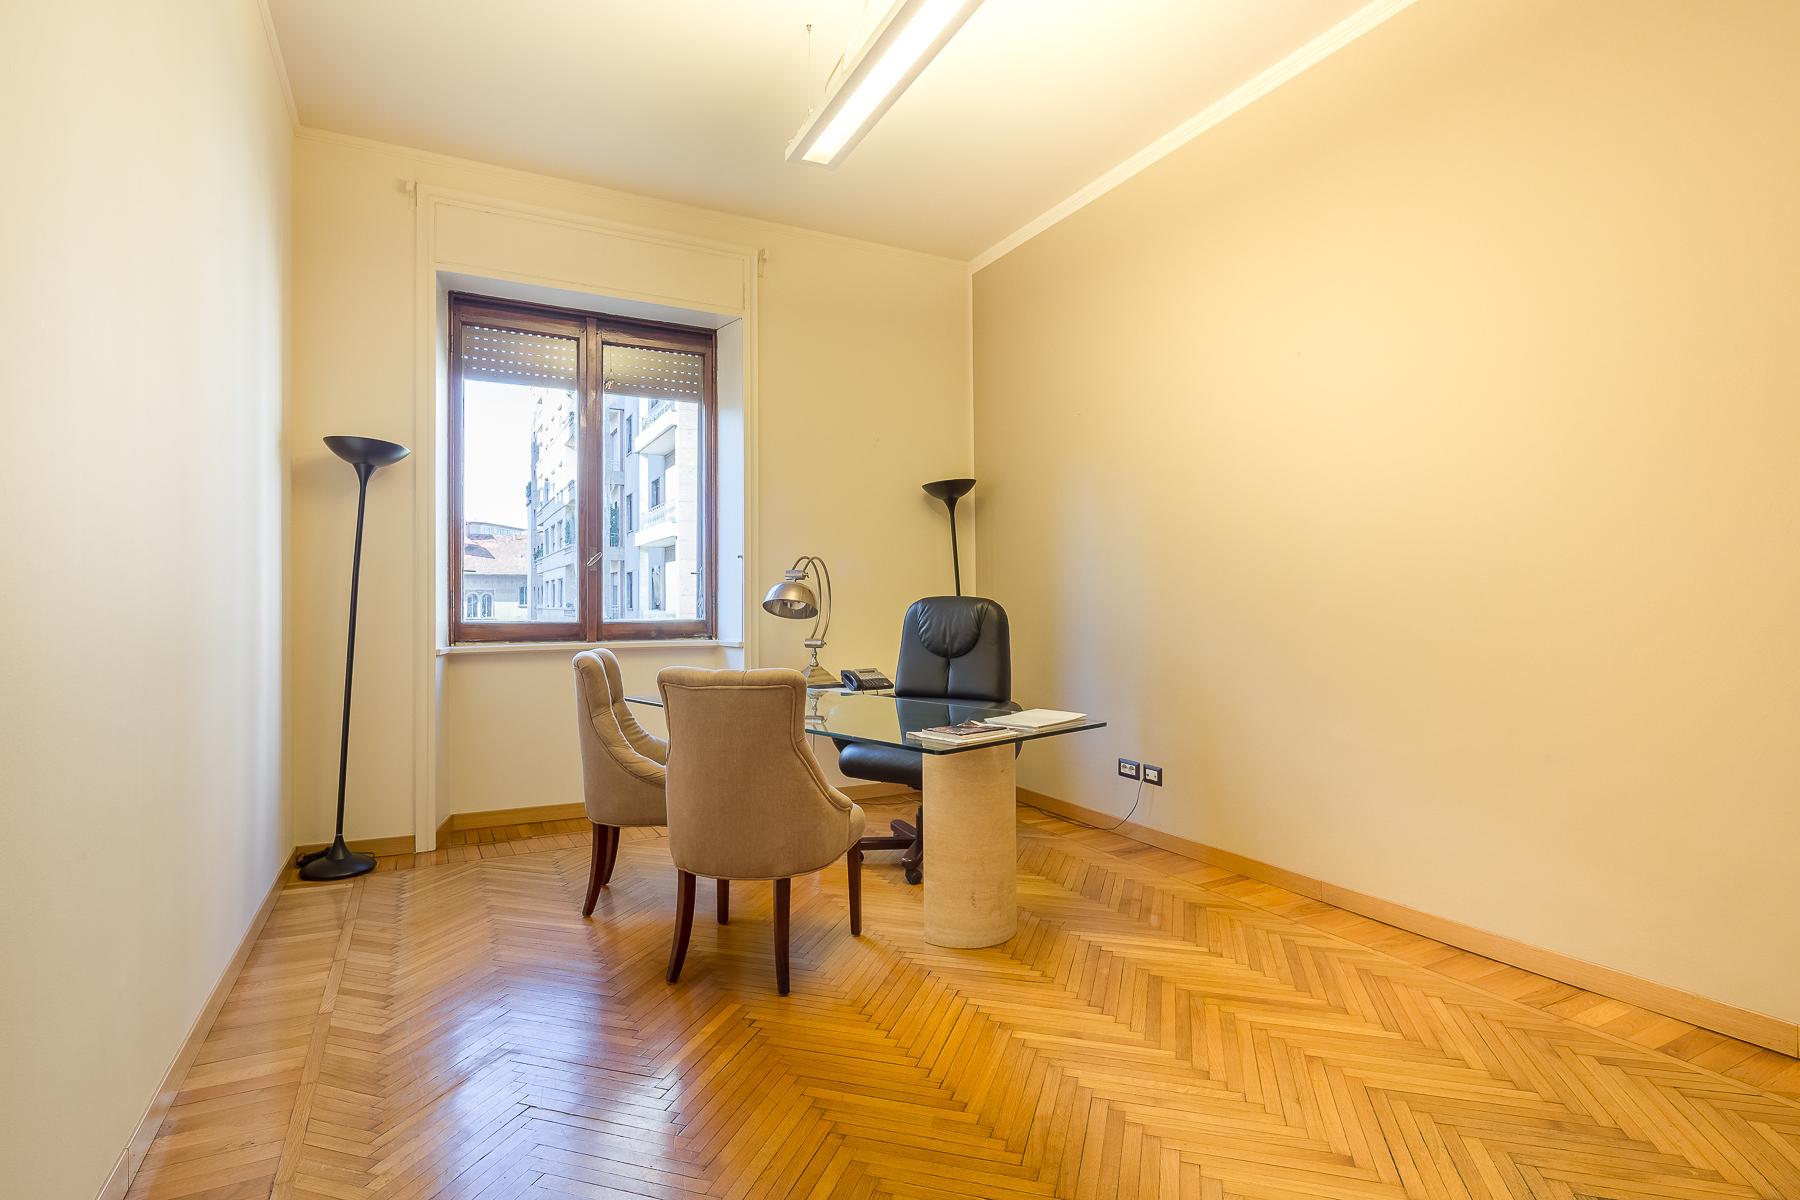 Ufficio-studio in Vendita a Milano: 4 locali, 155 mq - Foto 6